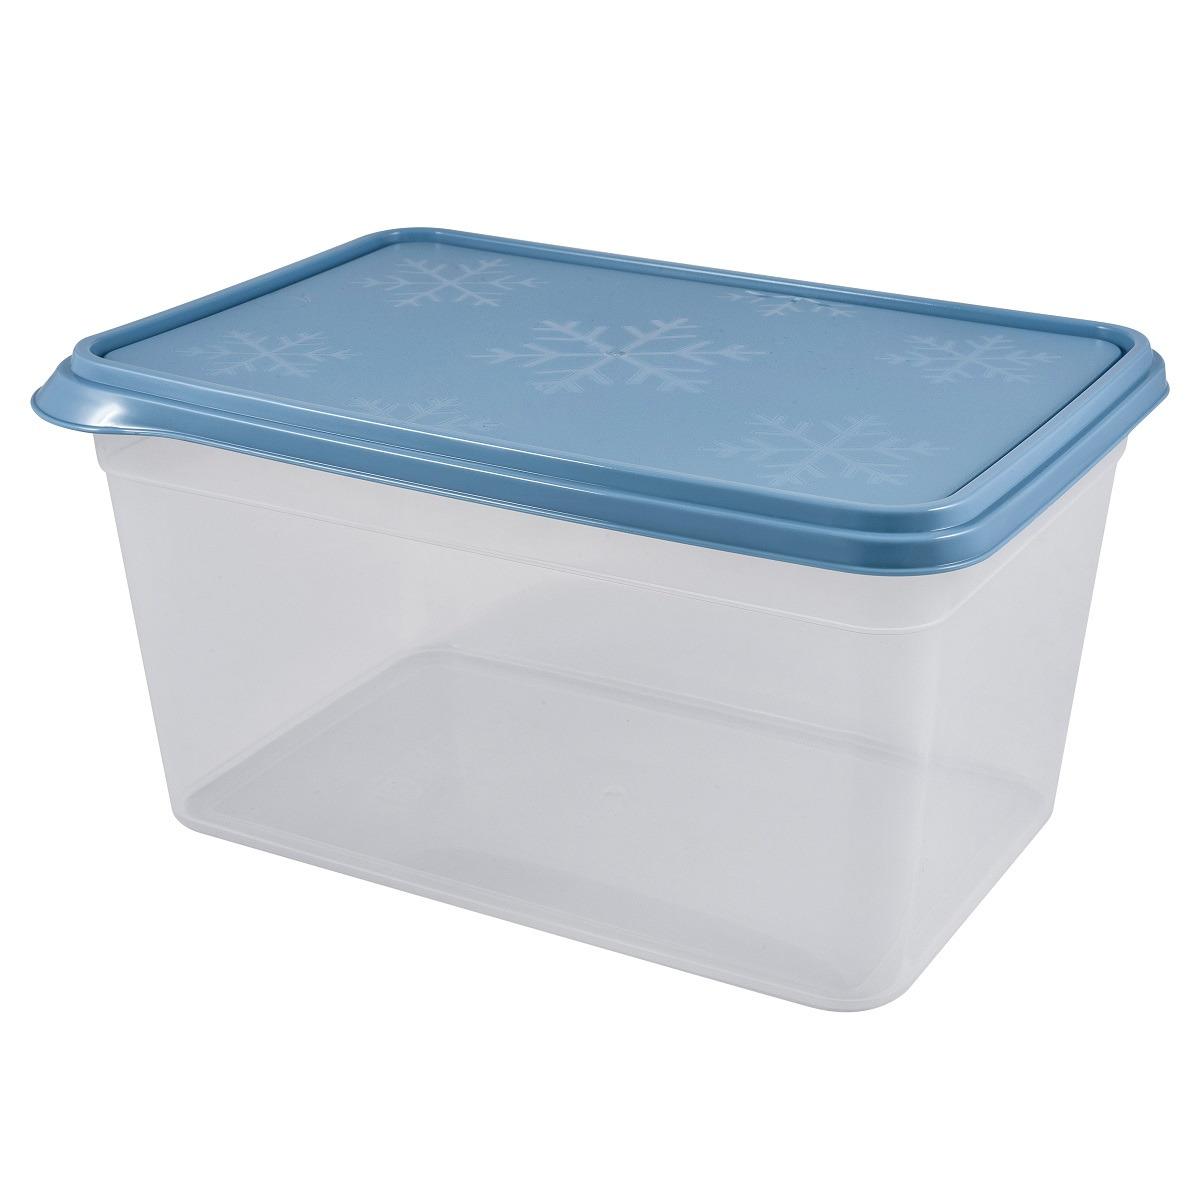 Контейнер пищевой Plast Team Bergen, PT1142-12, туманно-голубой, 4,5 л контейнер пищевой plast team цвет голубой прозрачный 0 6 л